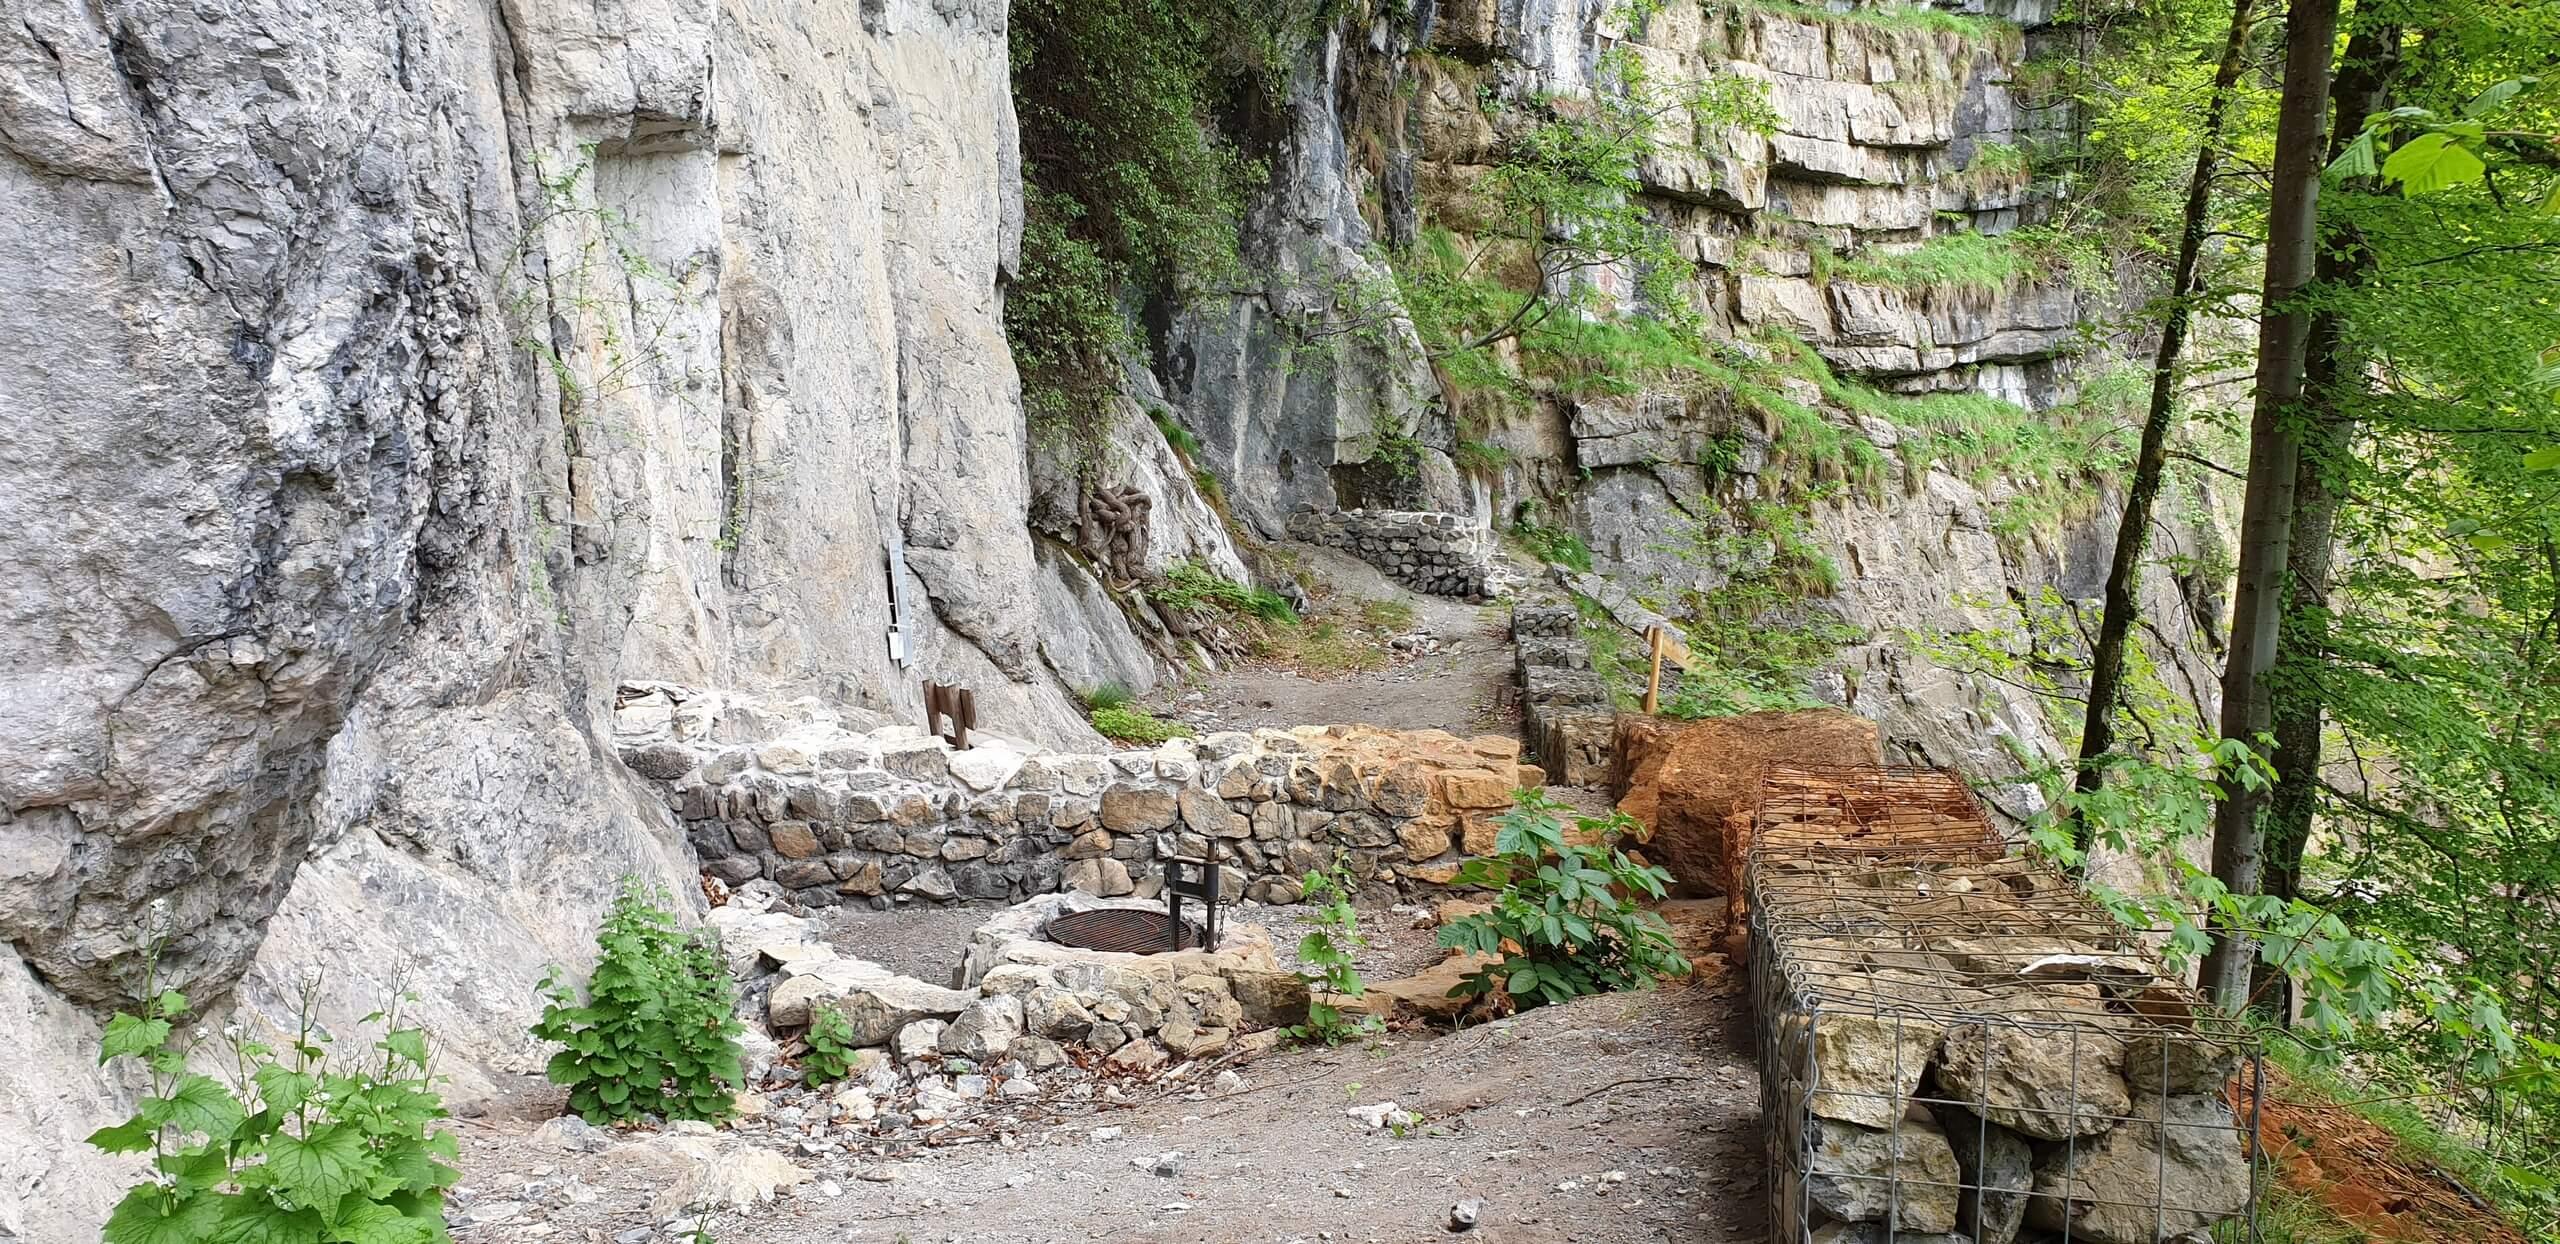 wilderswil-ruine-rothenfluh-braetelstelle-fruehling-wanderweg